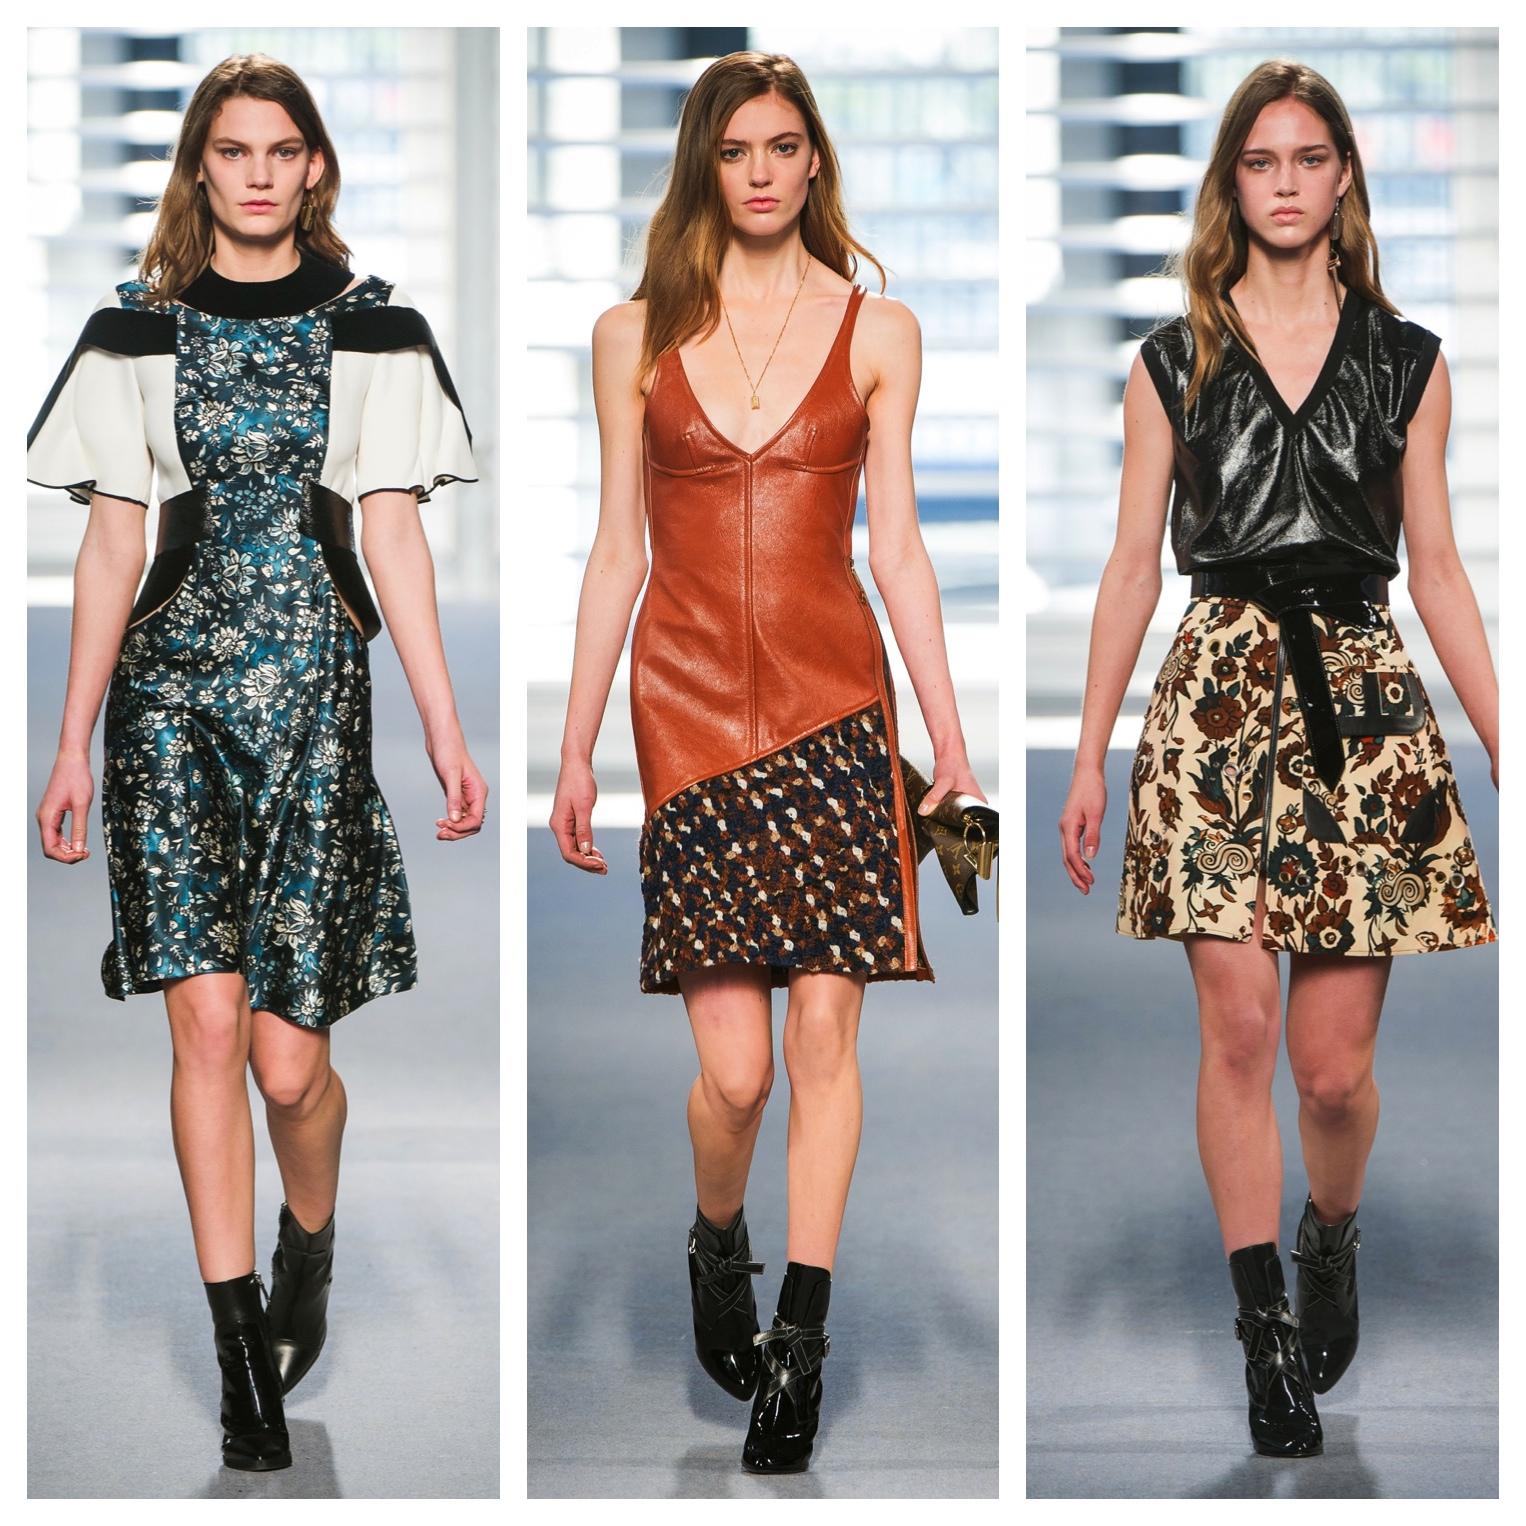 Louis Vuitton Women's Ready-To-Wear Fall/Winter 2014-2015 Fashion Show